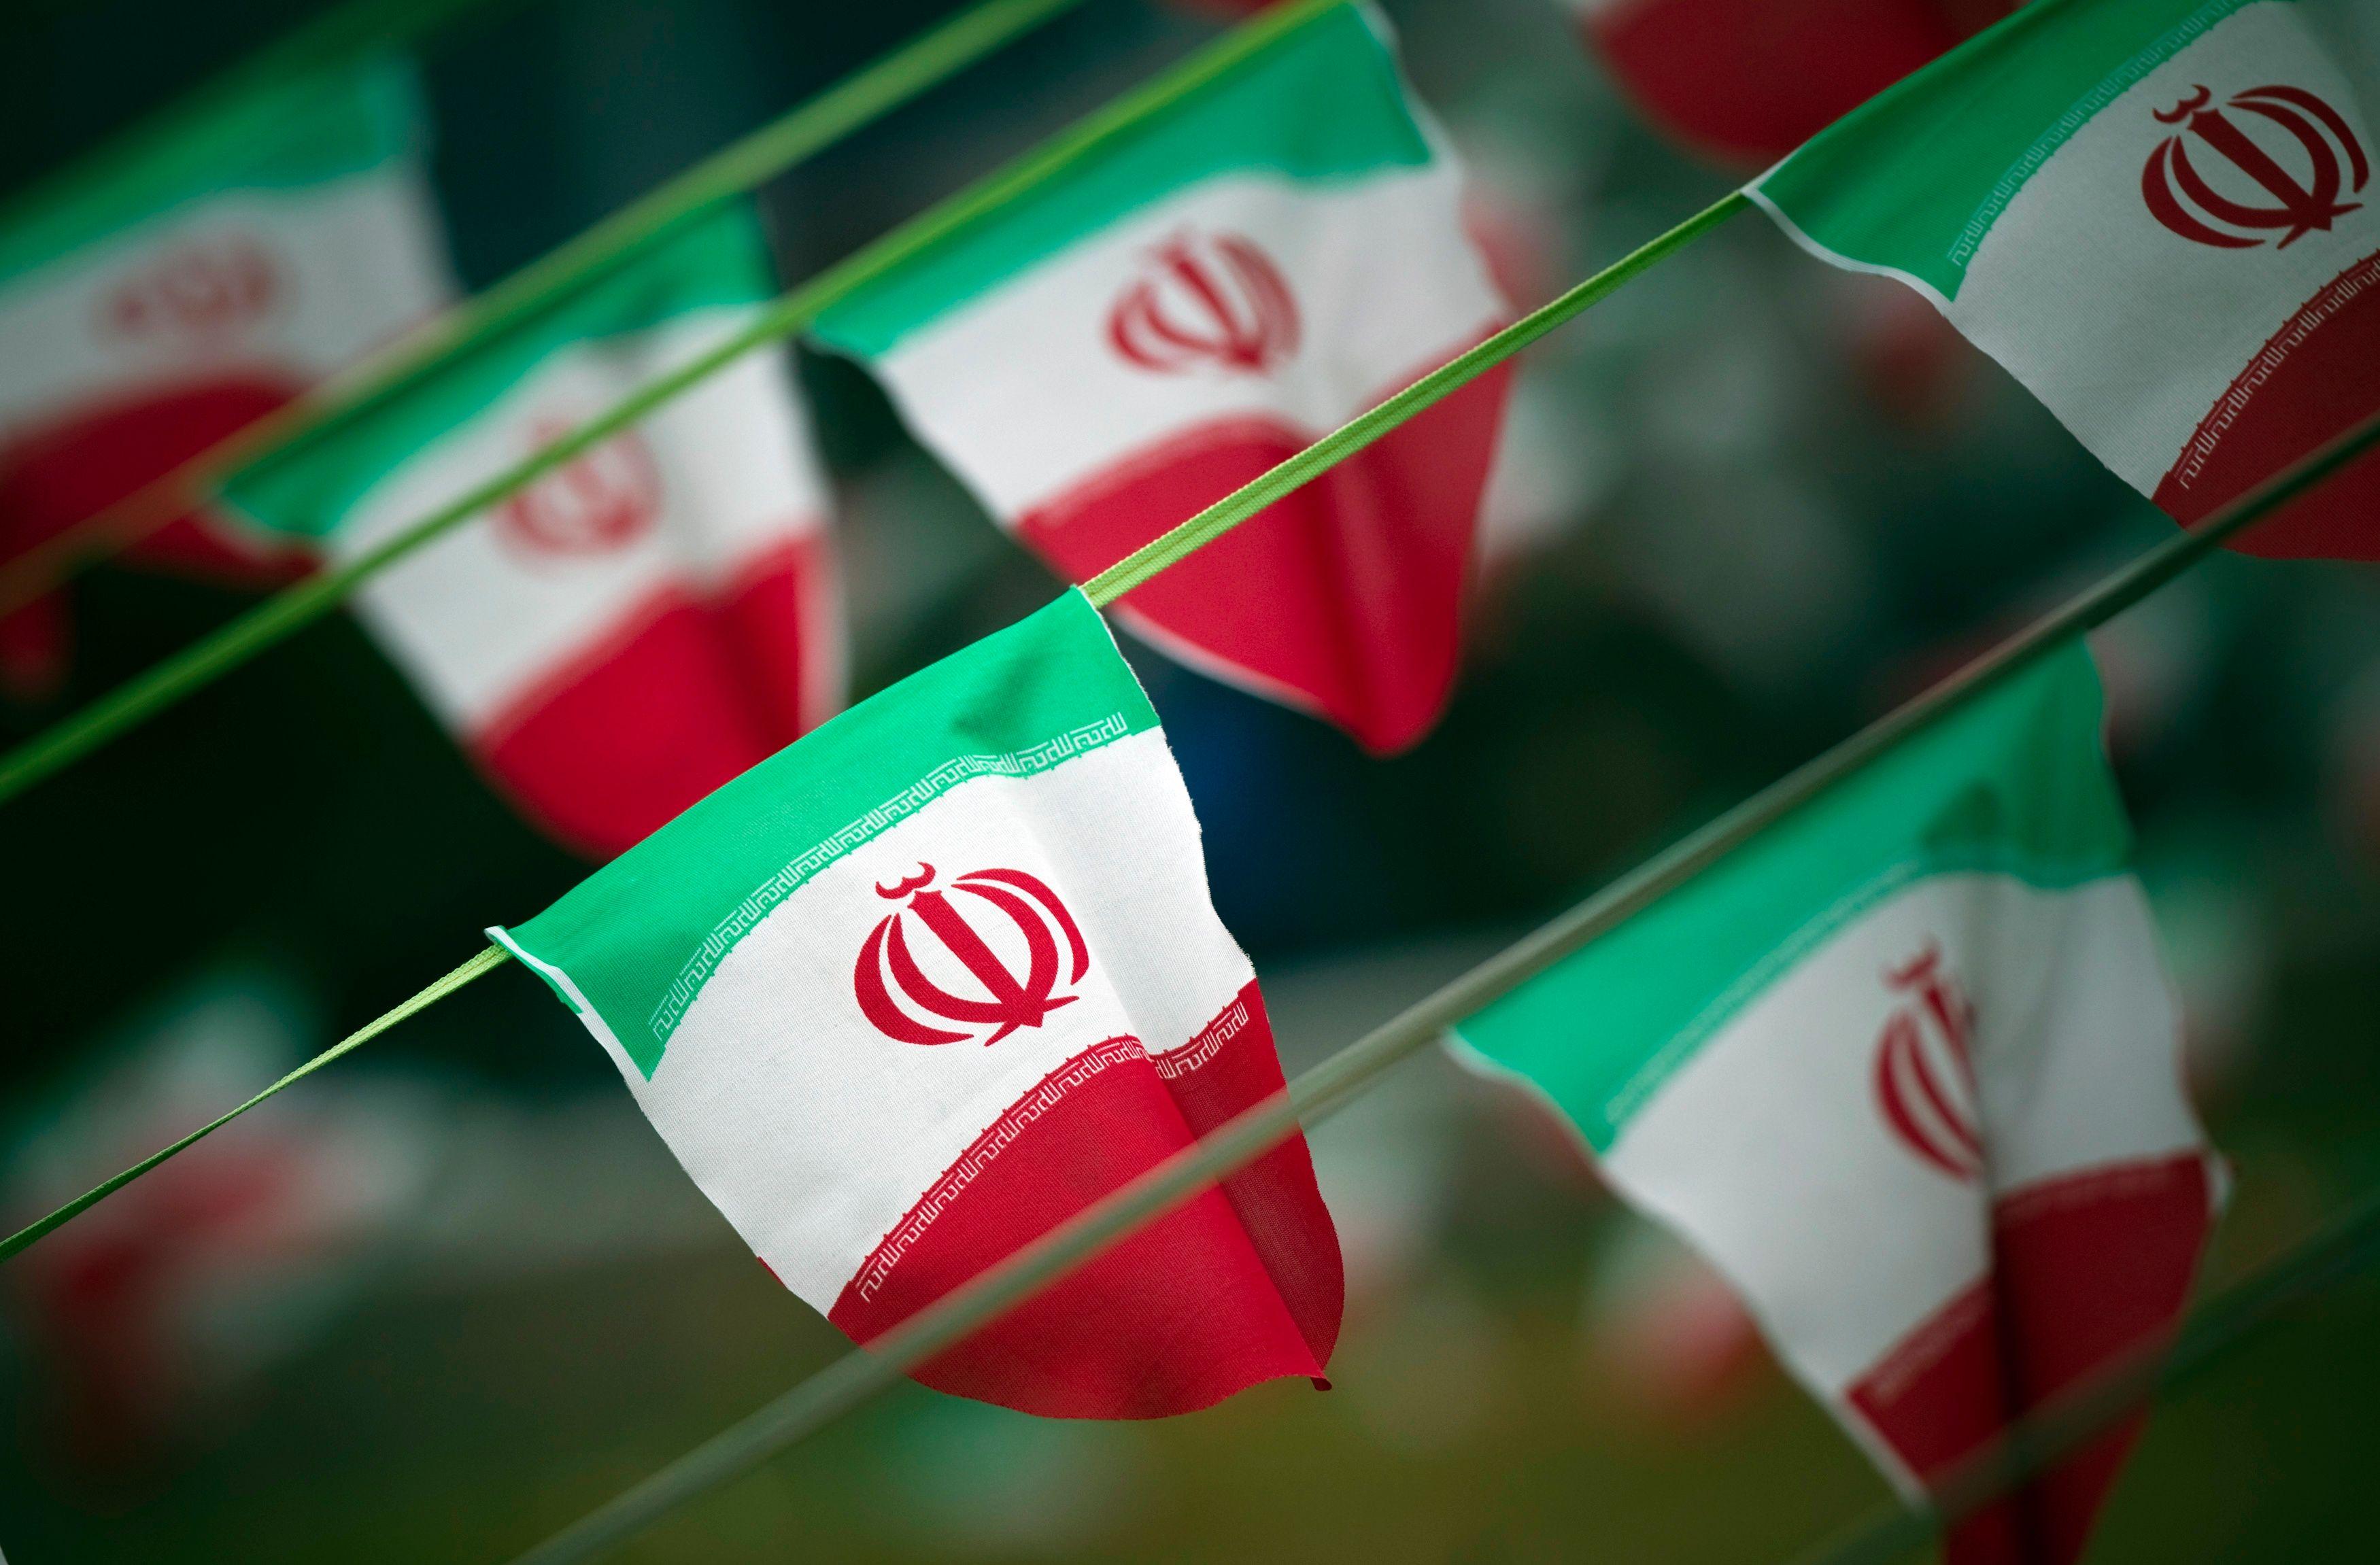 Drogue, drague, alcool, femmes, homosexualité... Téhéran, la débauchée